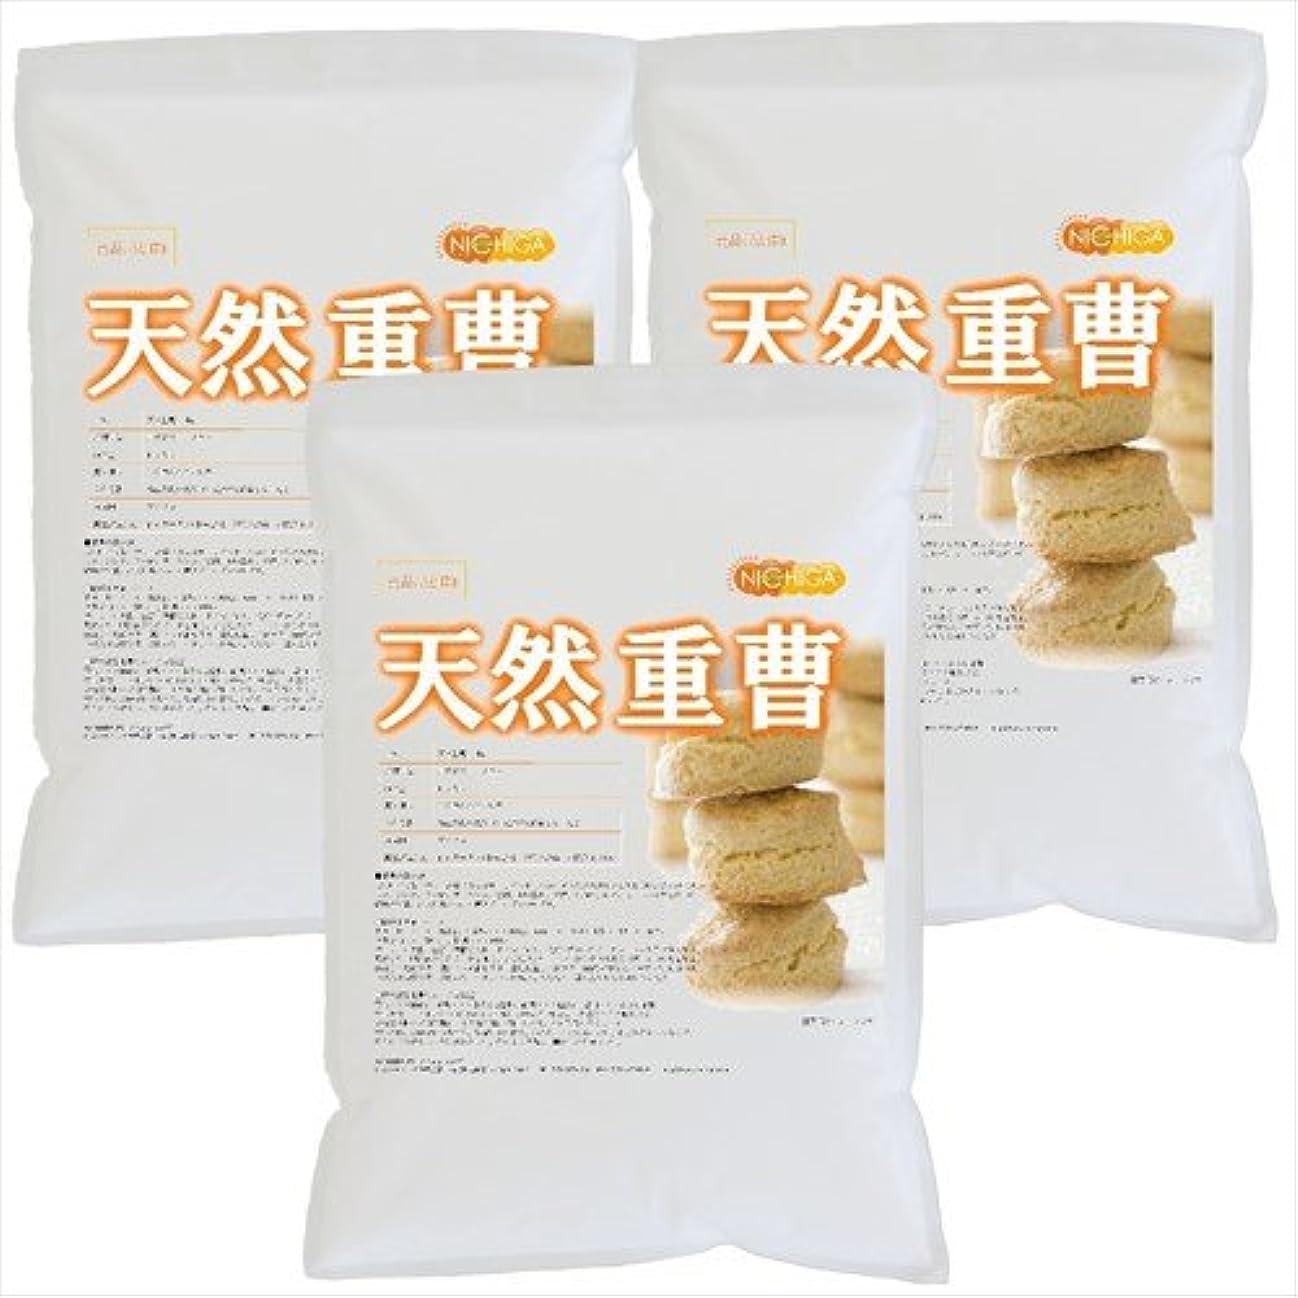 振る舞うパラシュートこする天然 重曹 5kg×3袋 [02] 炭酸水素ナトリウム 食品添加物(食品用)NICHIGA(ニチガ)